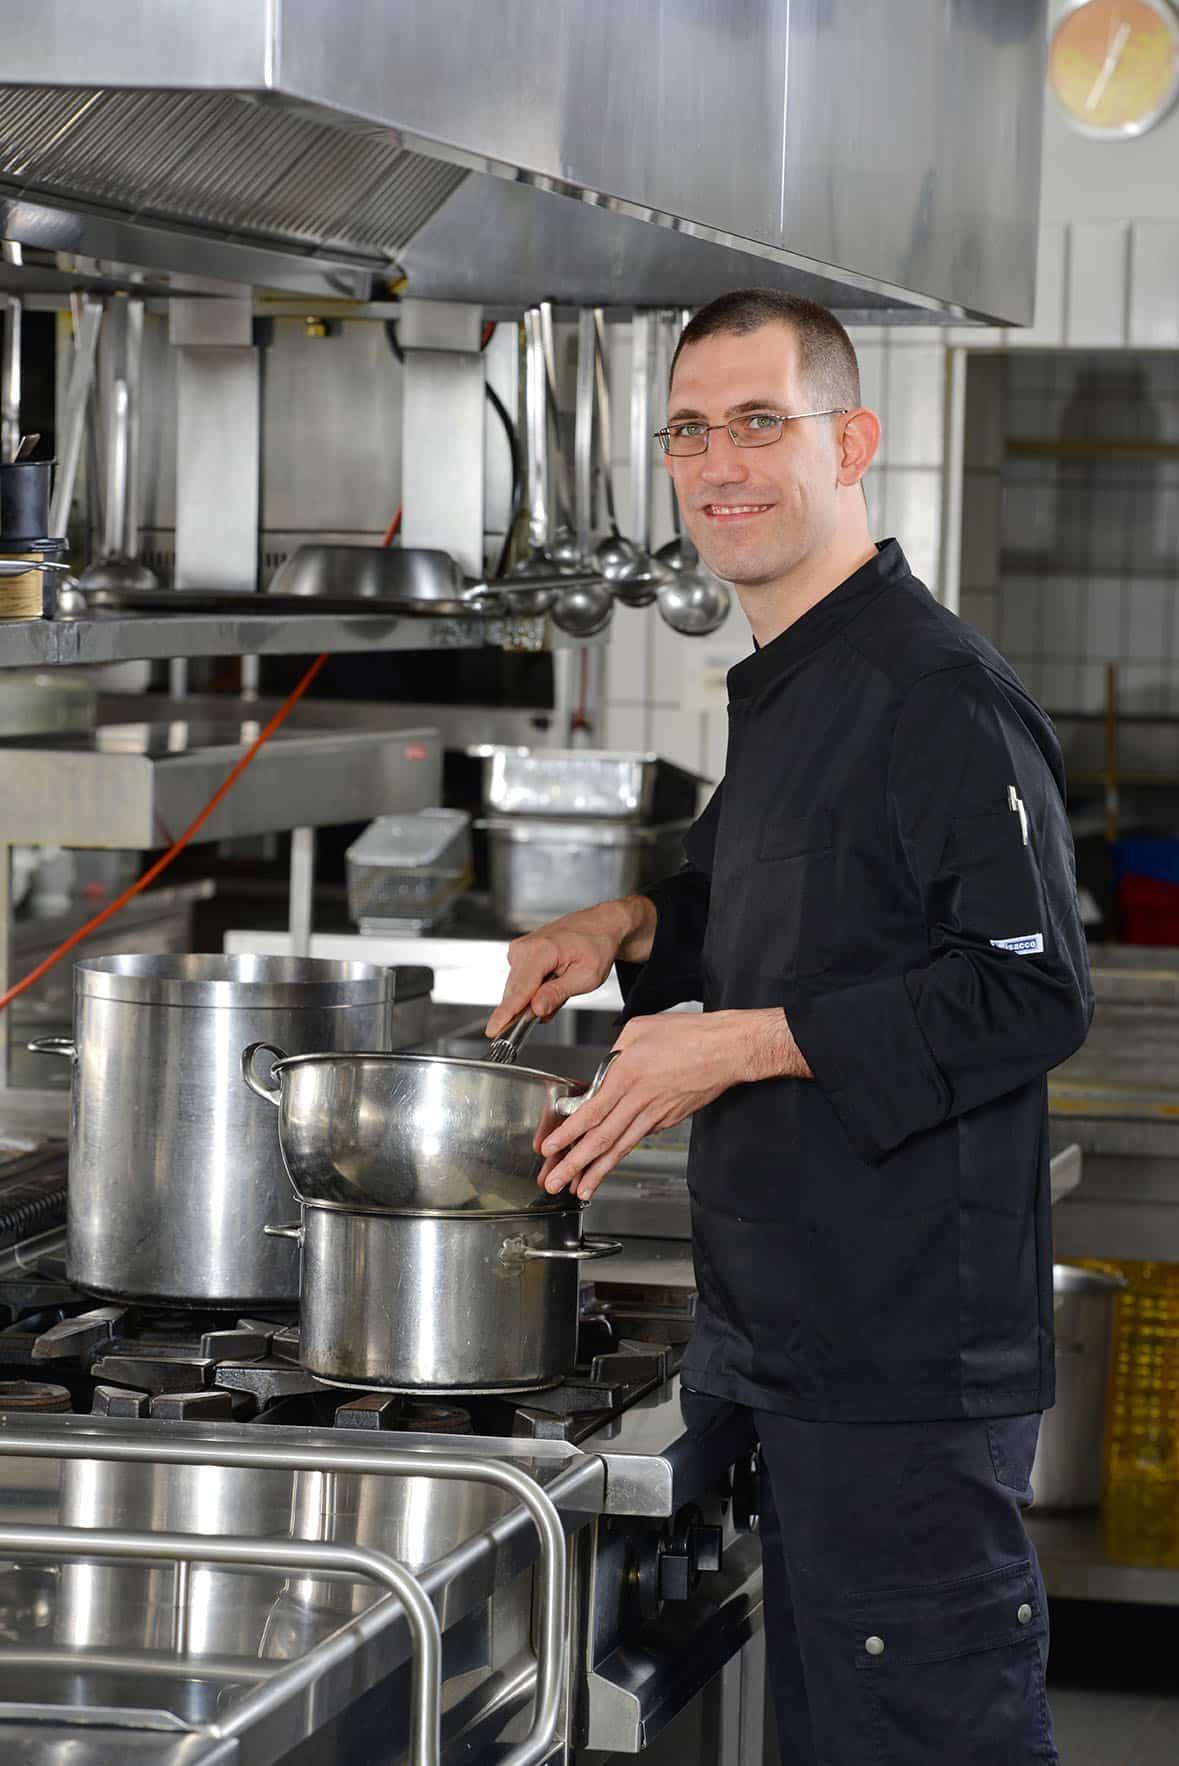 Koch in der Küche am Kochtopf